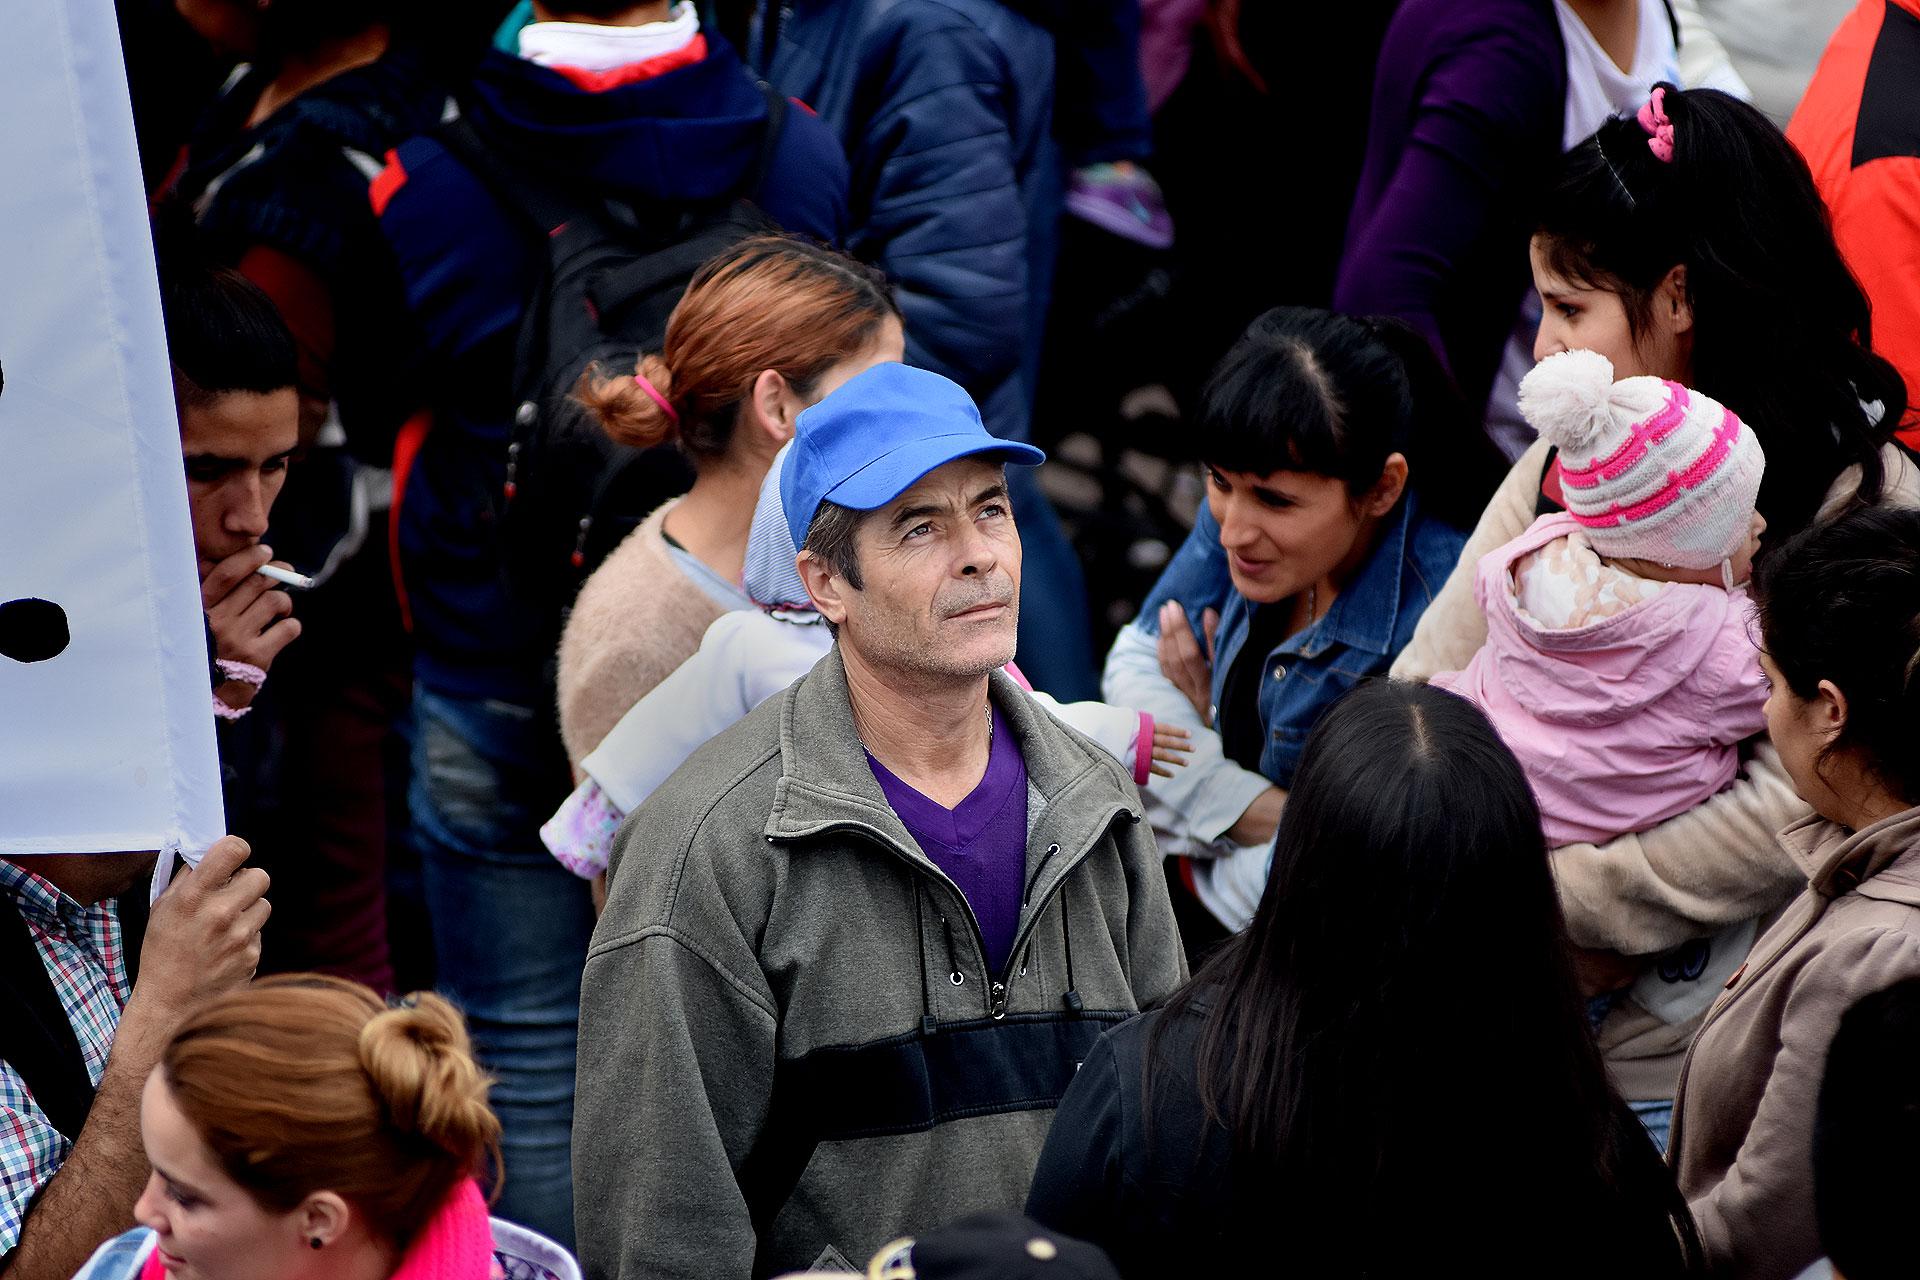 Durante el recorrido, que comenzó cerca de las 9:30, los manifestantes sumaron paradas en Plaza Flores y en Plaza Miserere